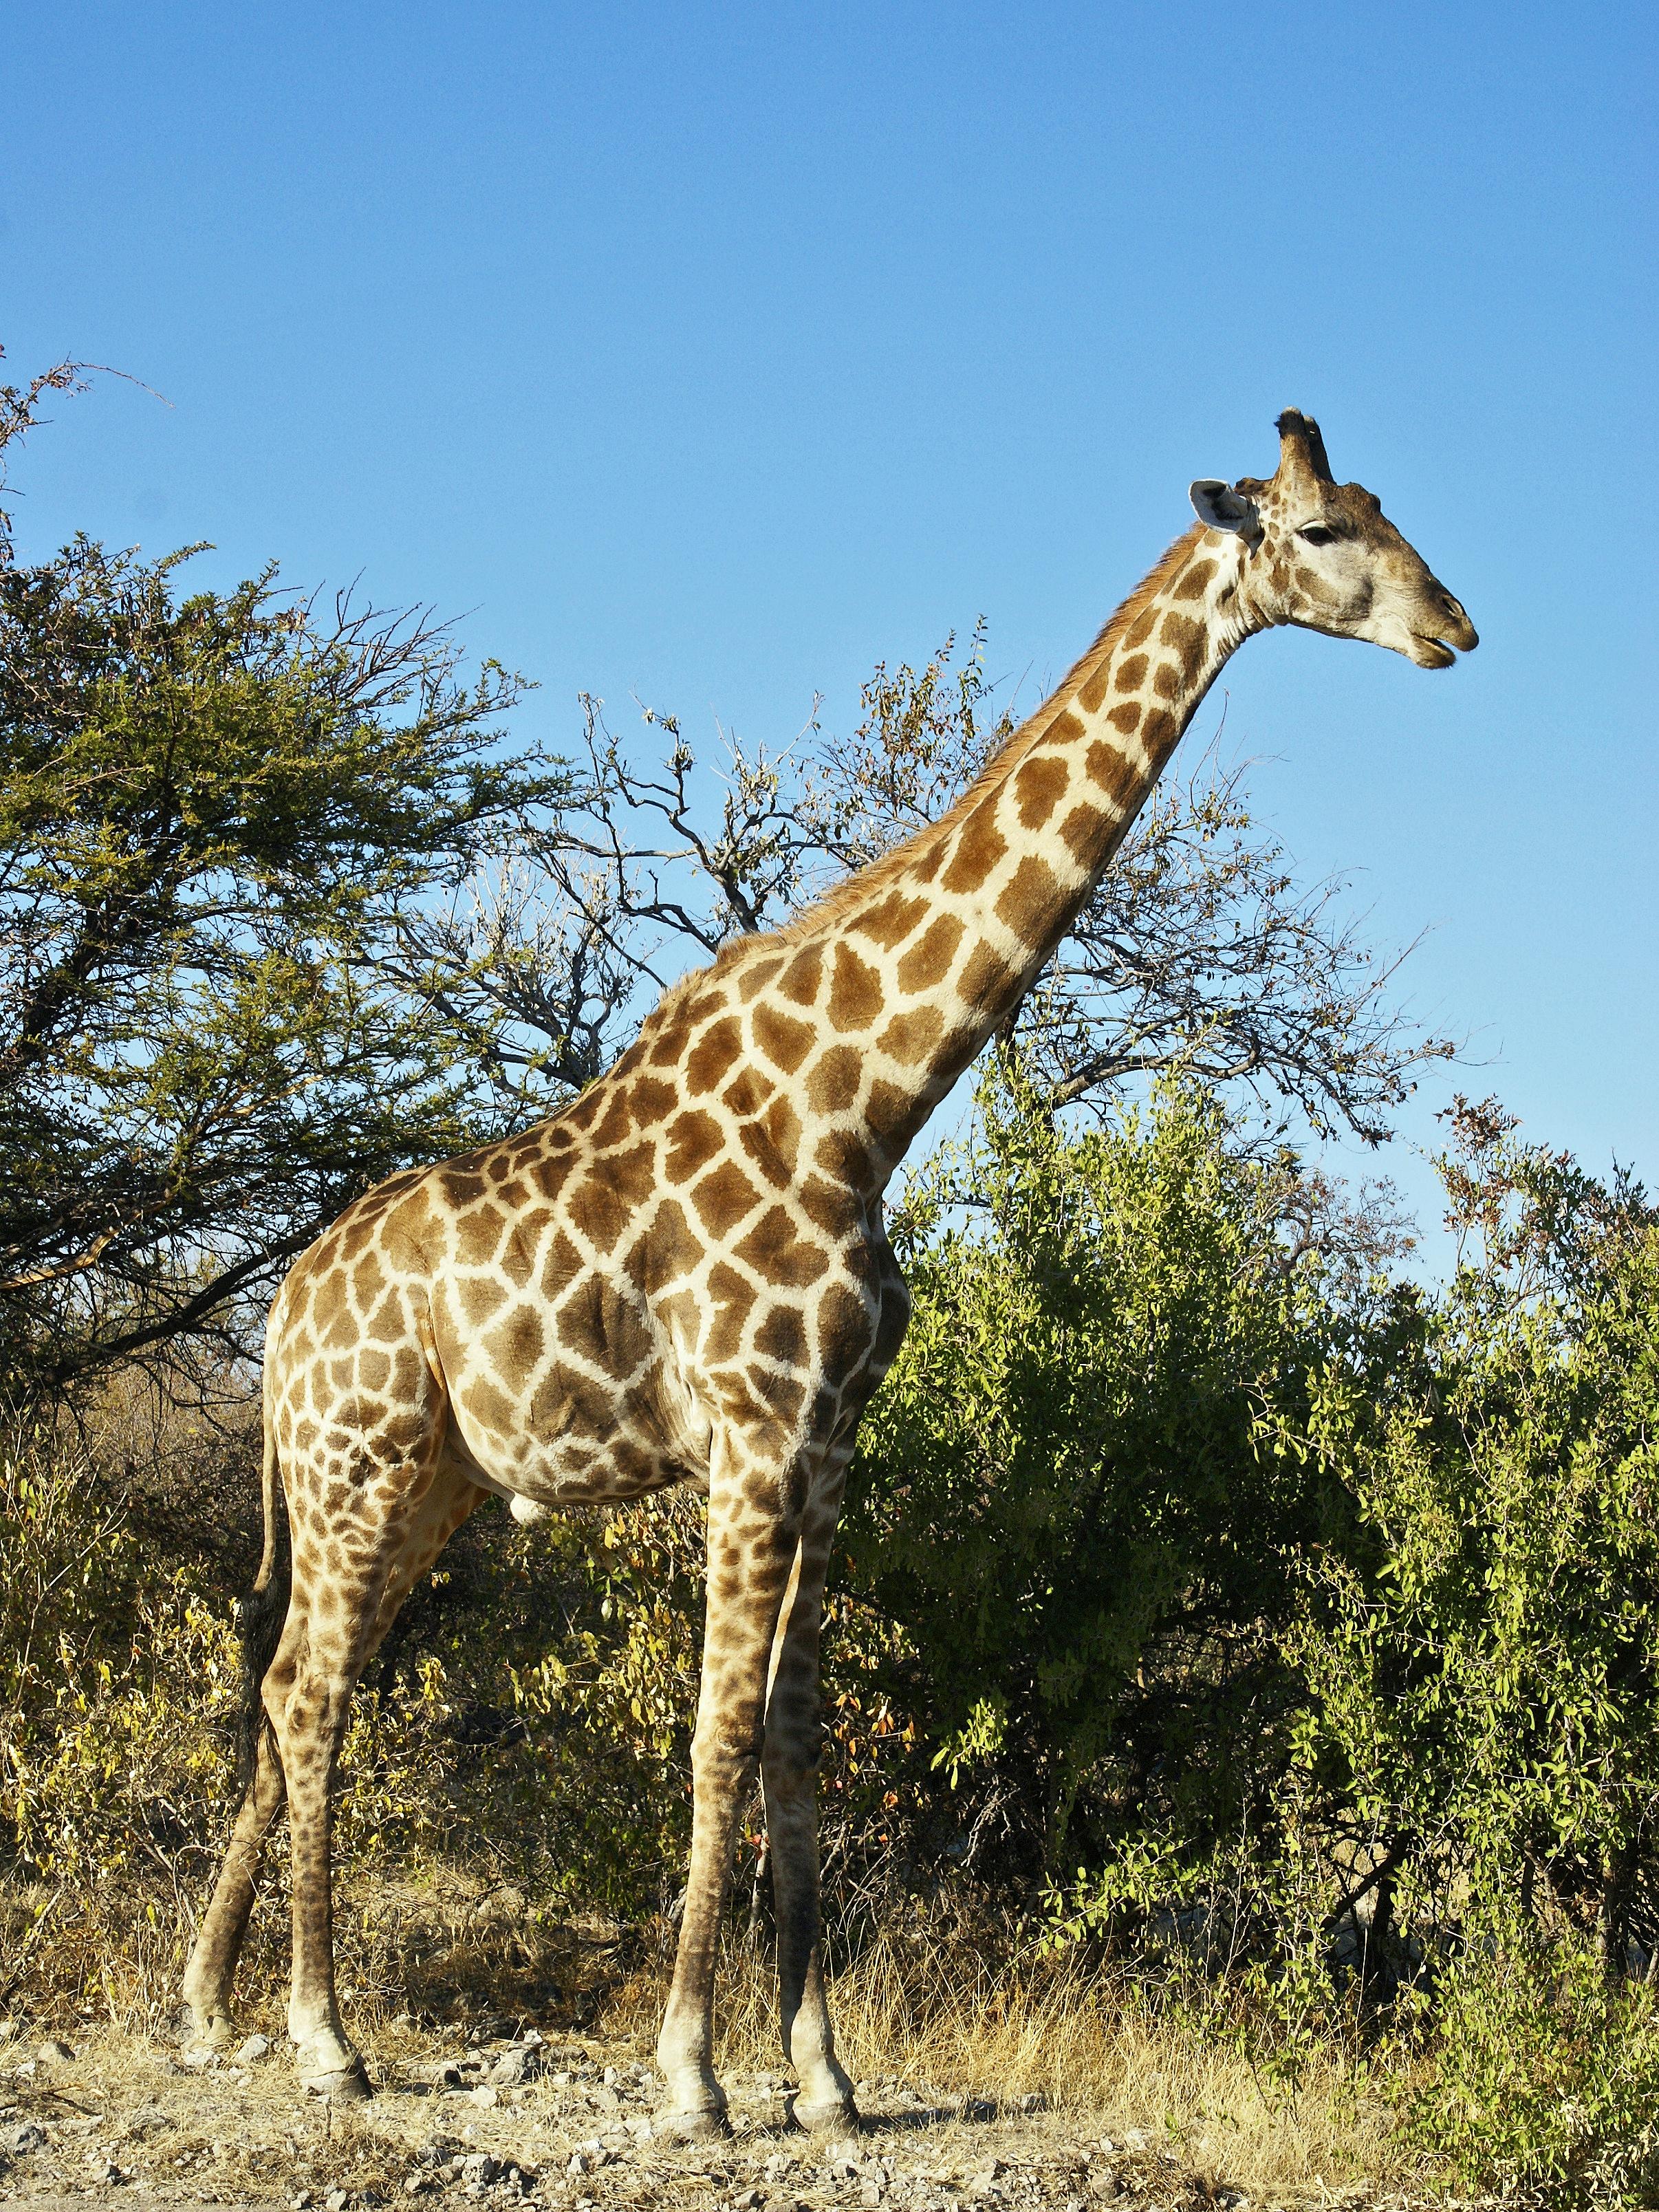 Giraffe. Author: Hans Hillewaert CC-BY-SA-3.0